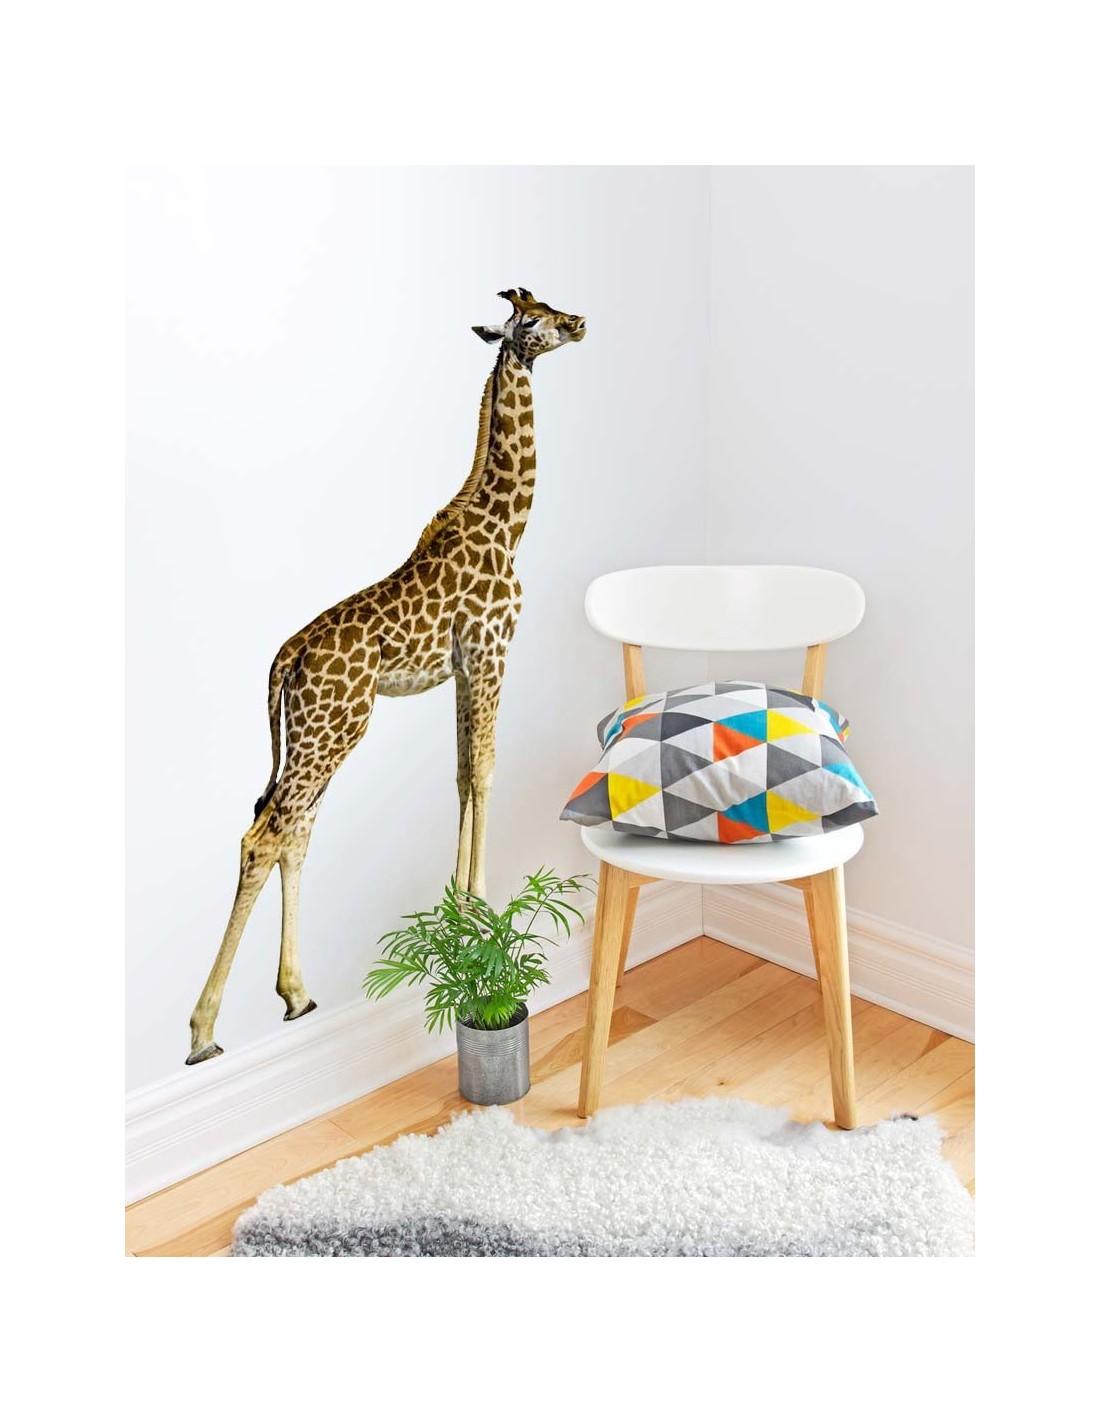 Sticker animal Tête de girafe 20x30cm 52D369BE6832